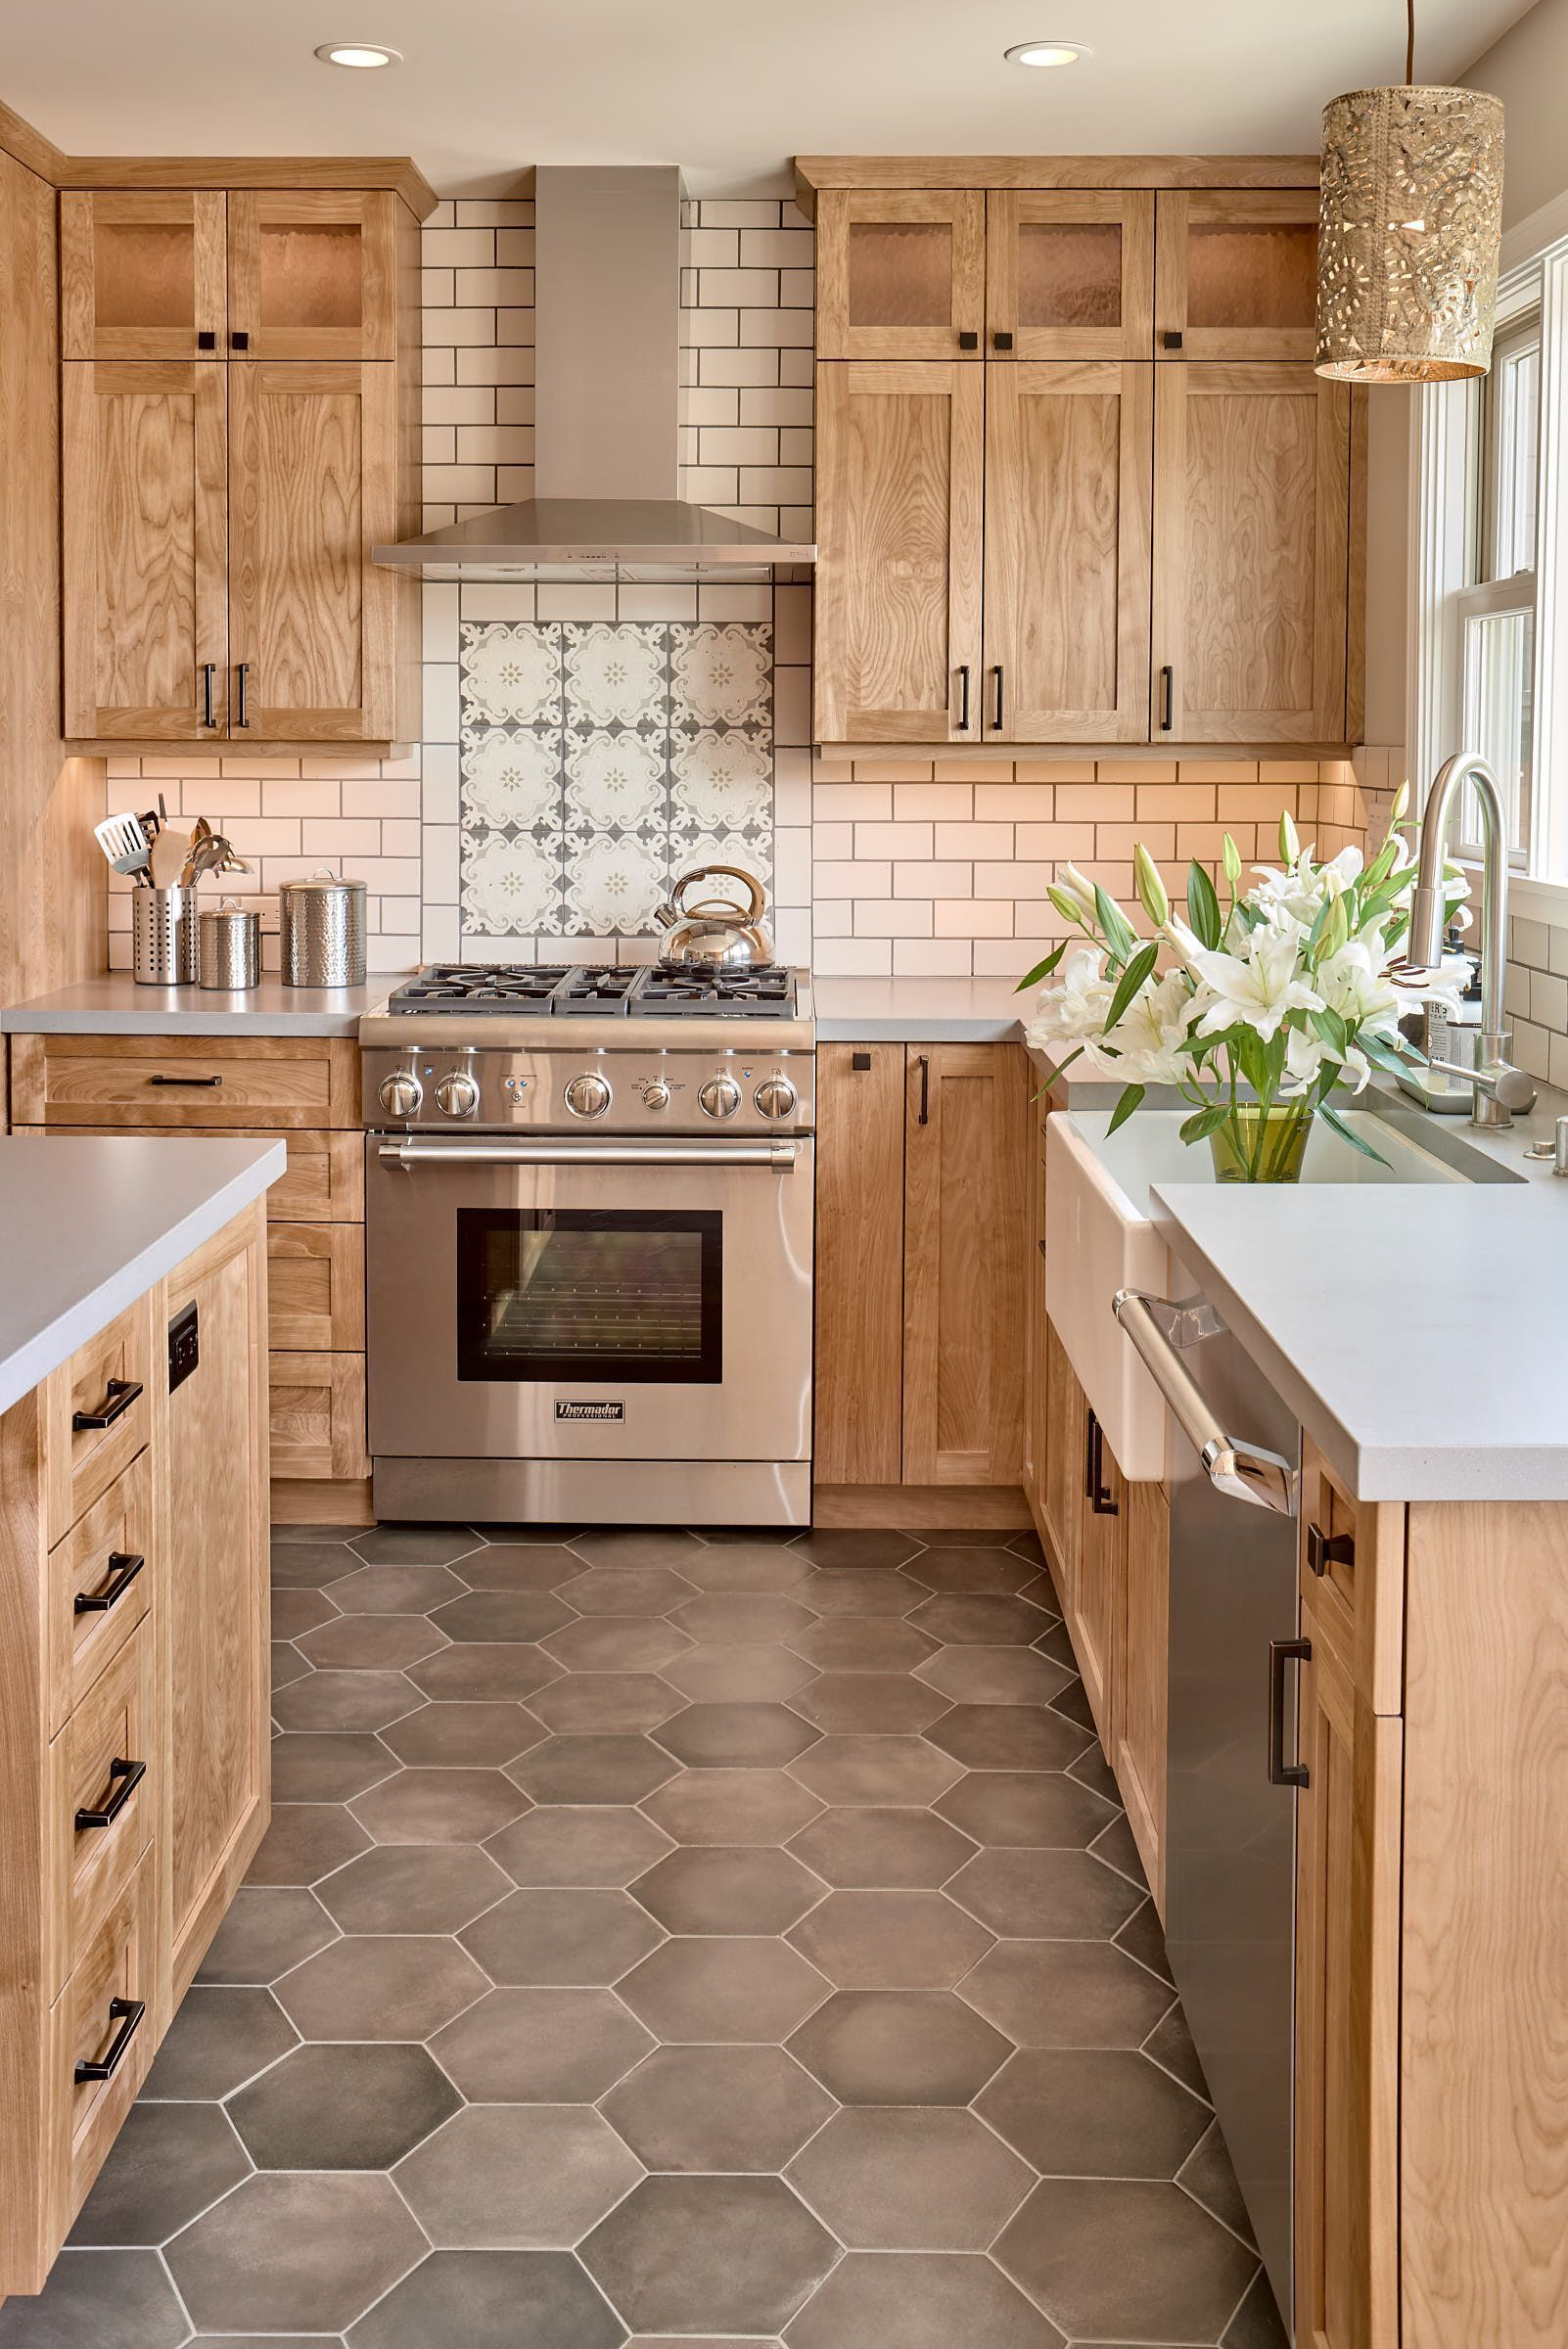 Modern Craftsman Style Kitchen - super cute! | favorites in 2018 ...